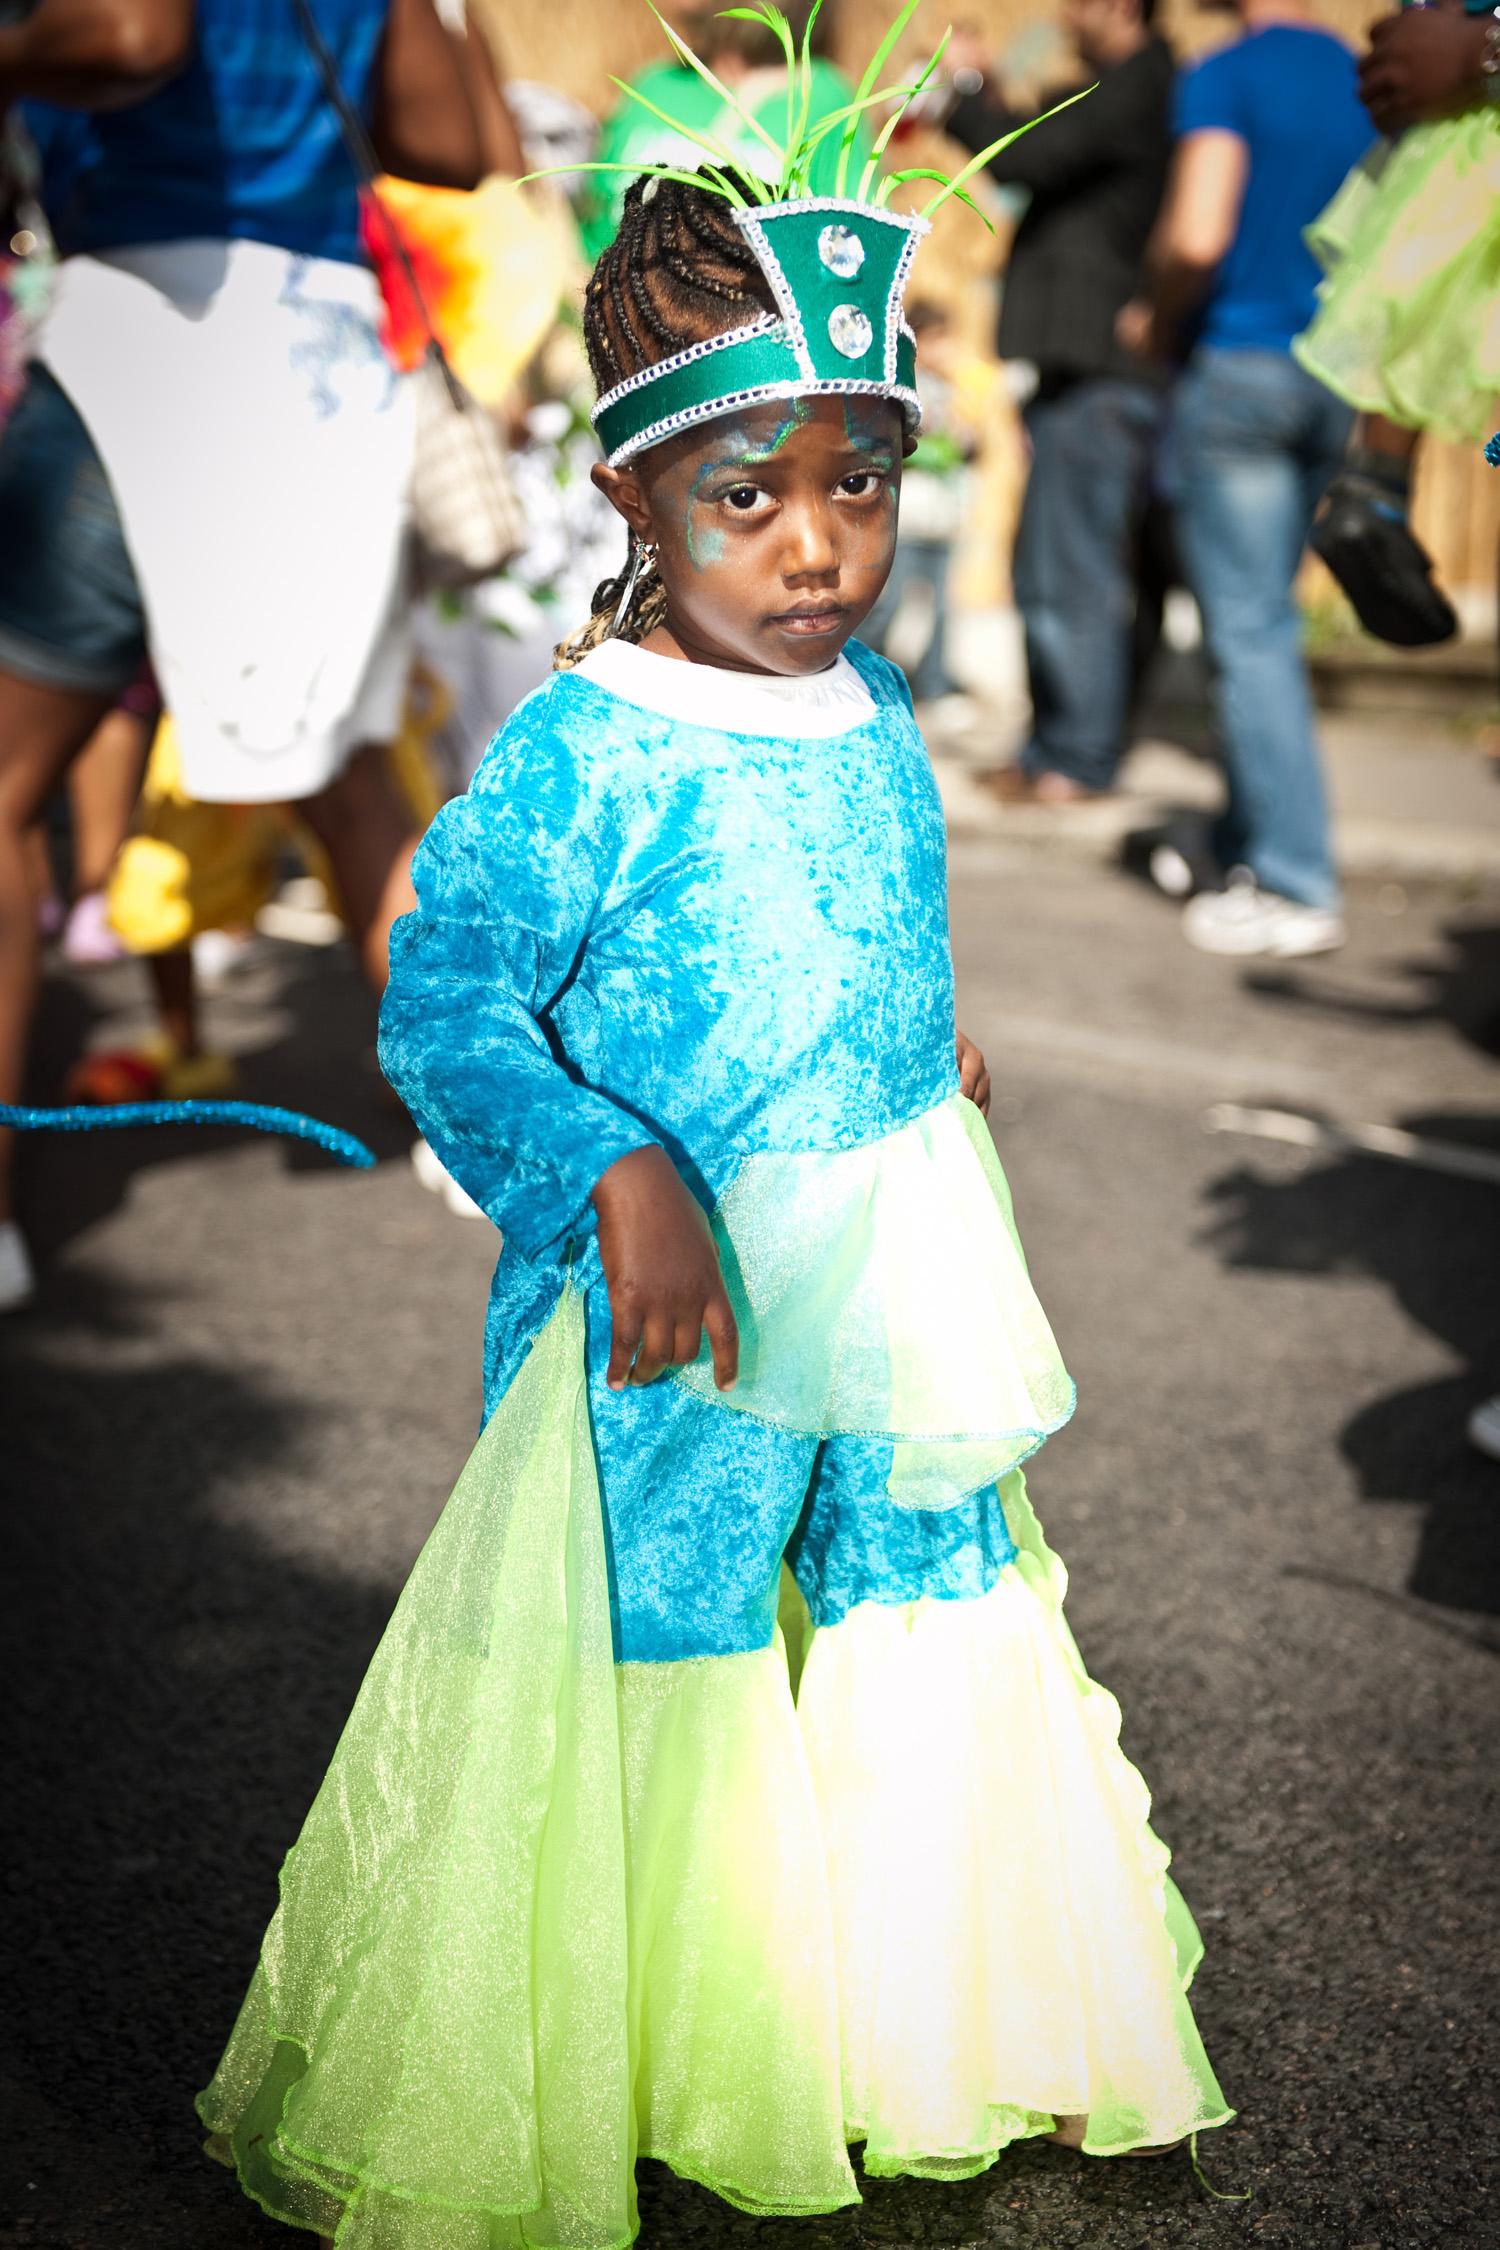 Carnival_the_Kids_18